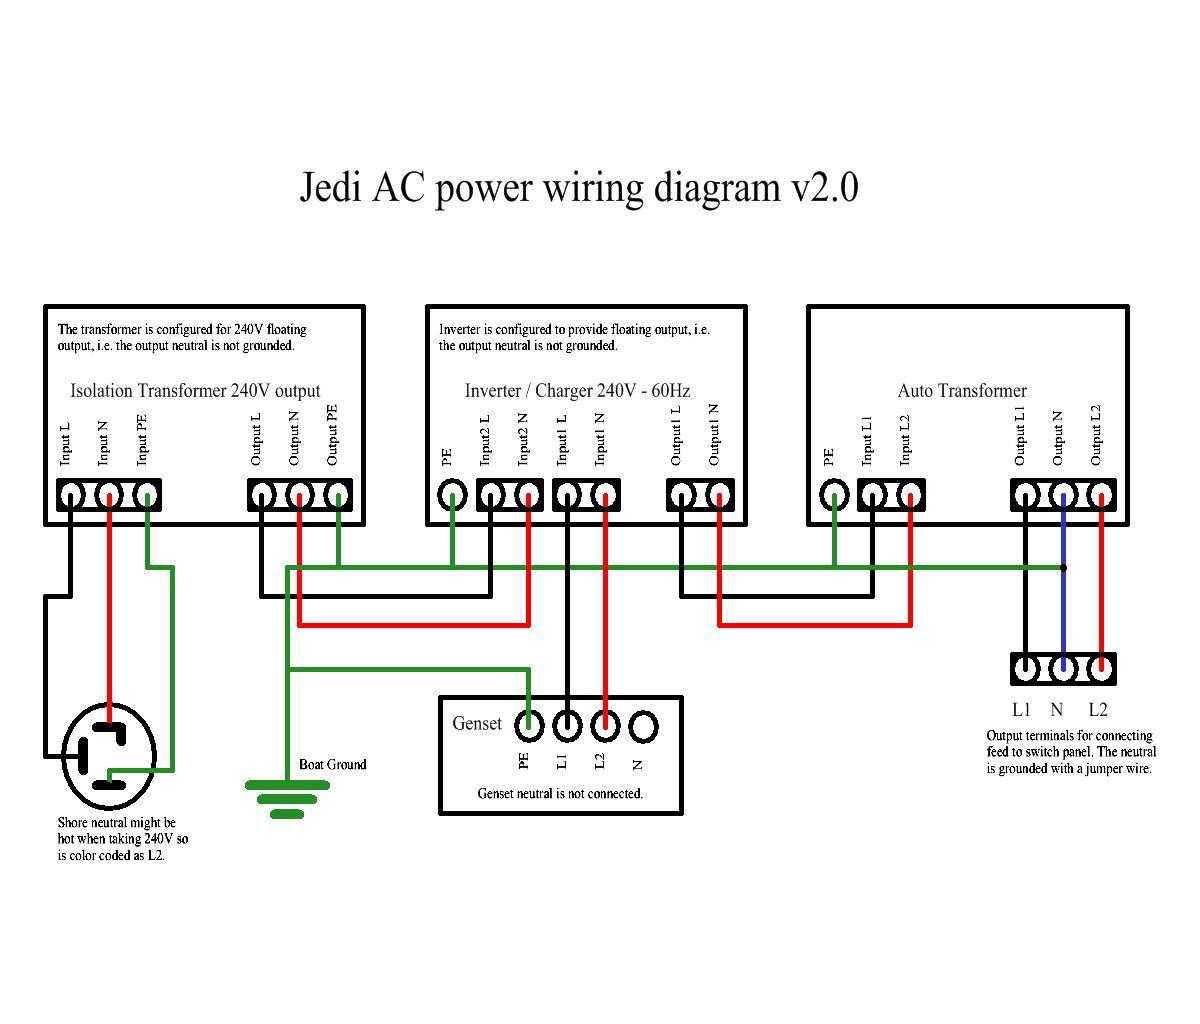 marine 50 amp wiring diagram #7 30 Amp Wiring Diagram marine 50 amp wiring diagram